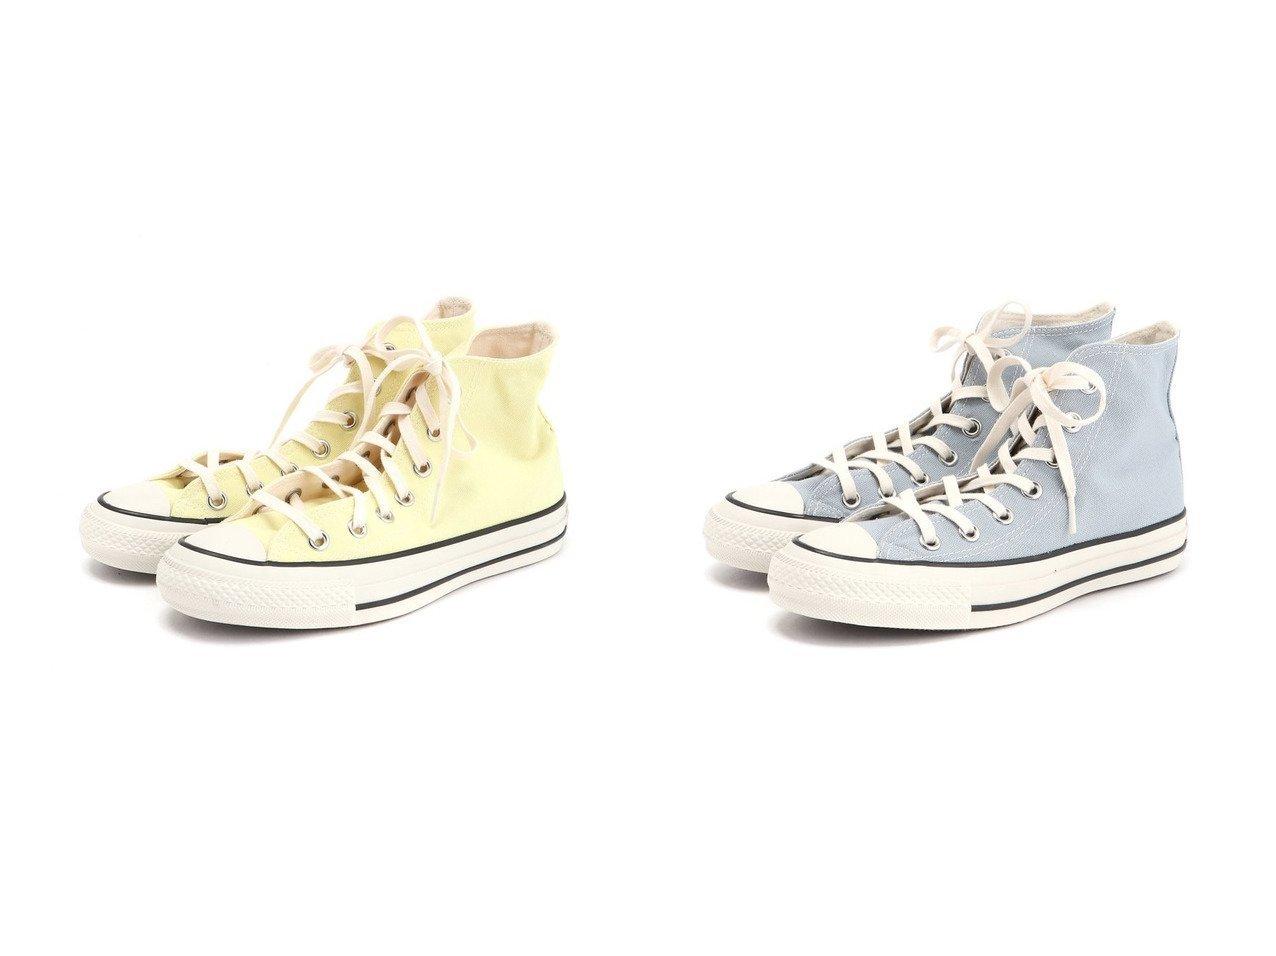 【CONVERSE/コンバース】のCONVERSE ALL STAR PET-CANVAS HI 【シューズ・靴】おすすめ!人気、トレンド・レディースファッションの通販  おすすめで人気の流行・トレンド、ファッションの通販商品 メンズファッション・キッズファッション・インテリア・家具・レディースファッション・服の通販 founy(ファニー) https://founy.com/ ファッション Fashion レディースファッション WOMEN 2021年 2021 2021春夏・S/S SS/Spring/Summer/2021 S/S・春夏 SS・Spring/Summer シューズ スニーカー スリッポン 人気 春 Spring |ID:crp329100000026274